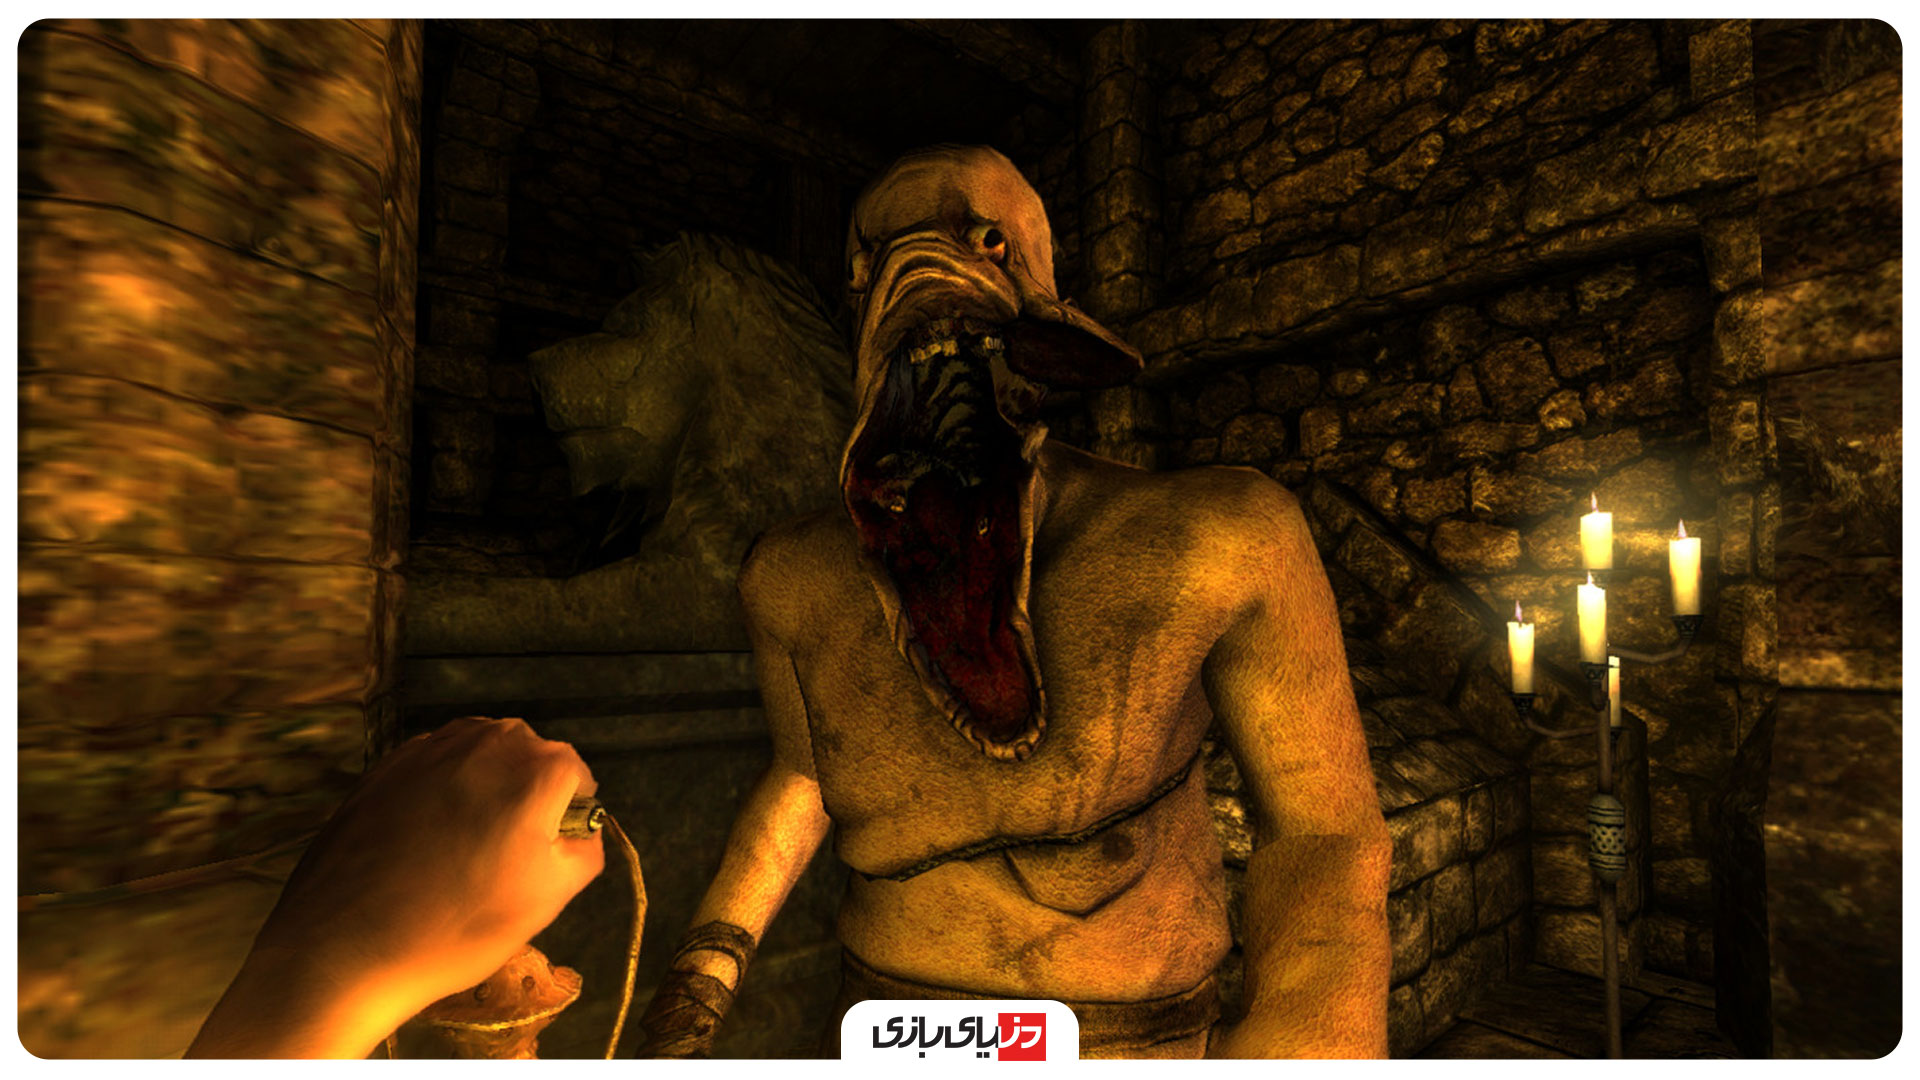 ترسناک ترین بازی جهان برای ps4